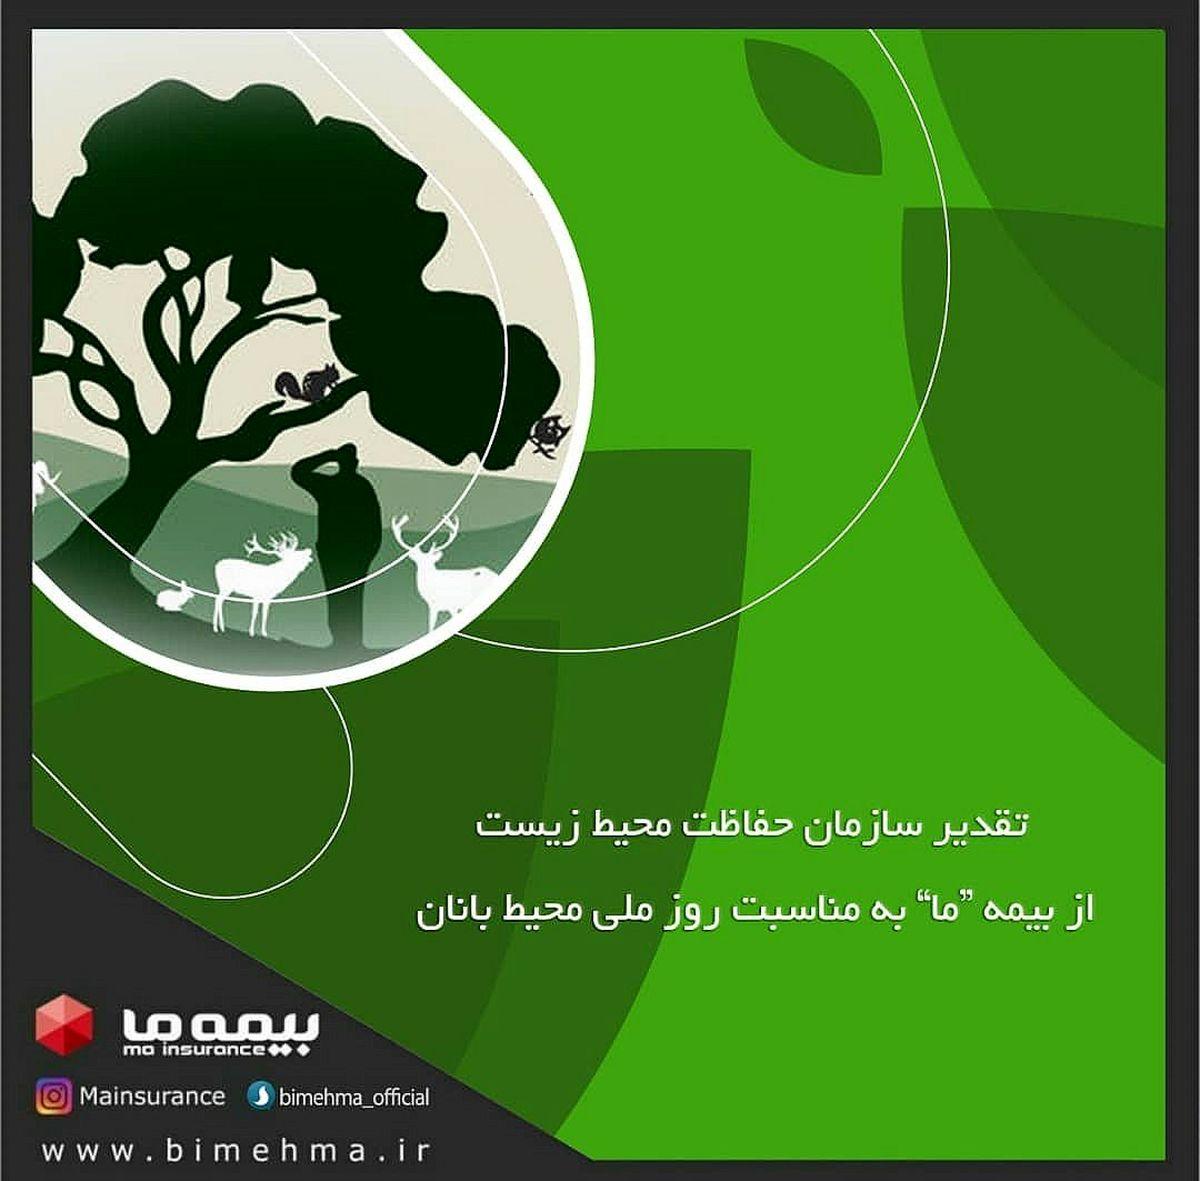 """تقدیر سازمان حفاظت محیط زیست از بیمه """"ما"""" به مناسبت روز ملی محیط بان"""